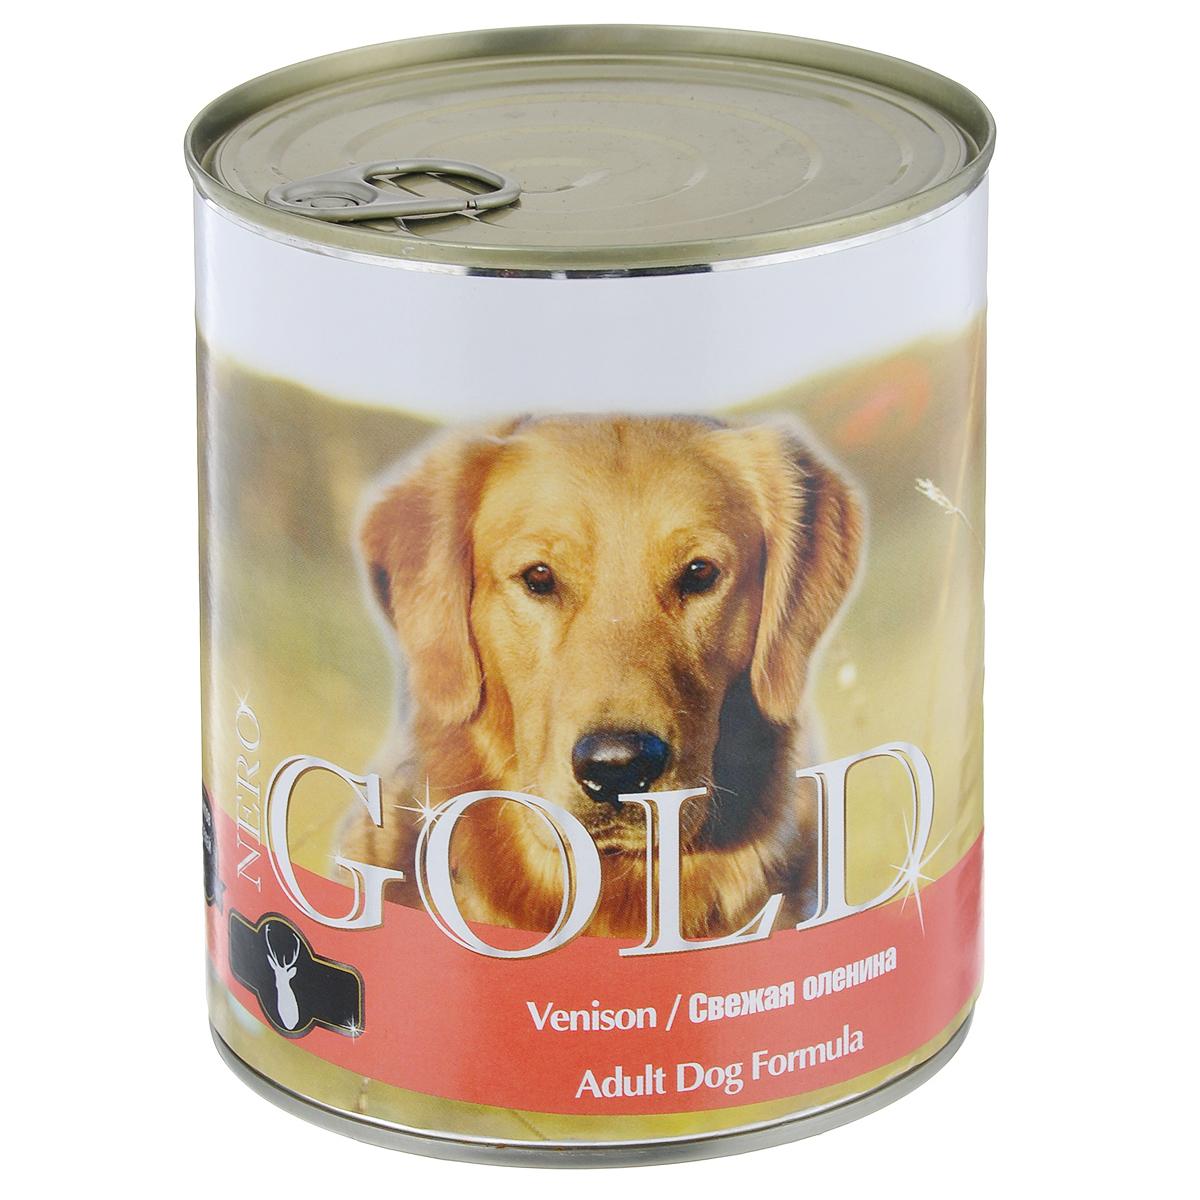 Консервы для собак Nero Gold, с олениной, 810 г0120710Консервы для собак Nero Gold - полнорационный продукт, содержащий все необходимые витамины и минералы, сбалансированный для поддержания оптимального здоровья вашего питомца! Состав: мясо и его производные, филе курицы, оленина, злаки, витамины и минералы. Гарантированный анализ: белки 6,5%, жиры 4,5%, клетчатка 0,5%, зола 2%, влага 81%. Пищевые добавки на 1 кг продукта: витамин А 1600 МЕ, витамин D 140 МЕ, витамин Е 10 МЕ, железо 24 мг, марганец 6 мг, цинк 15 мг, медь 1 мг, магний 200 мг, йод 0,3 мг, селен 0,2 мг.Вес: 810 г. Товар сертифицирован.